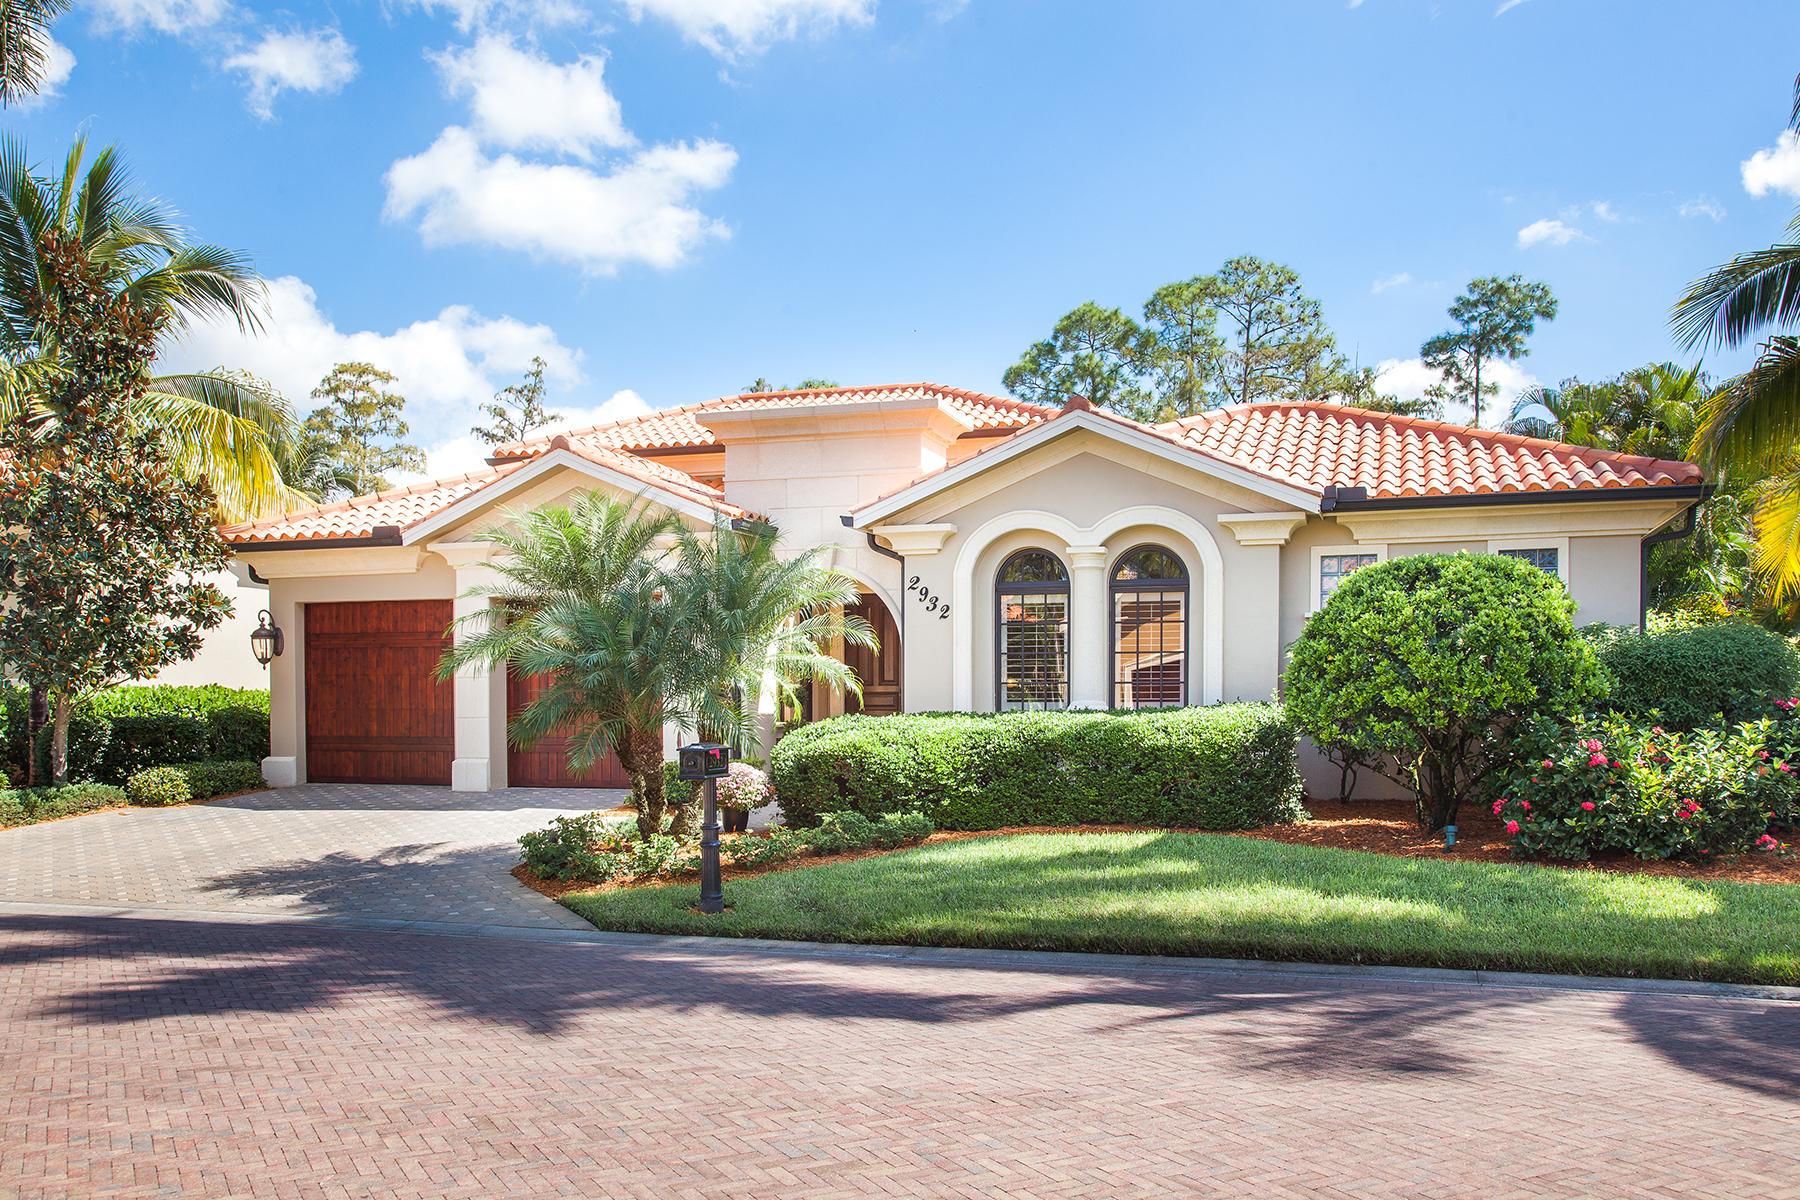 Casa Unifamiliar por un Venta en TIBURON - SERAFINA AT TIBURON 2932 Tiburon Blvd E Naples, Florida 34109 Estados Unidos